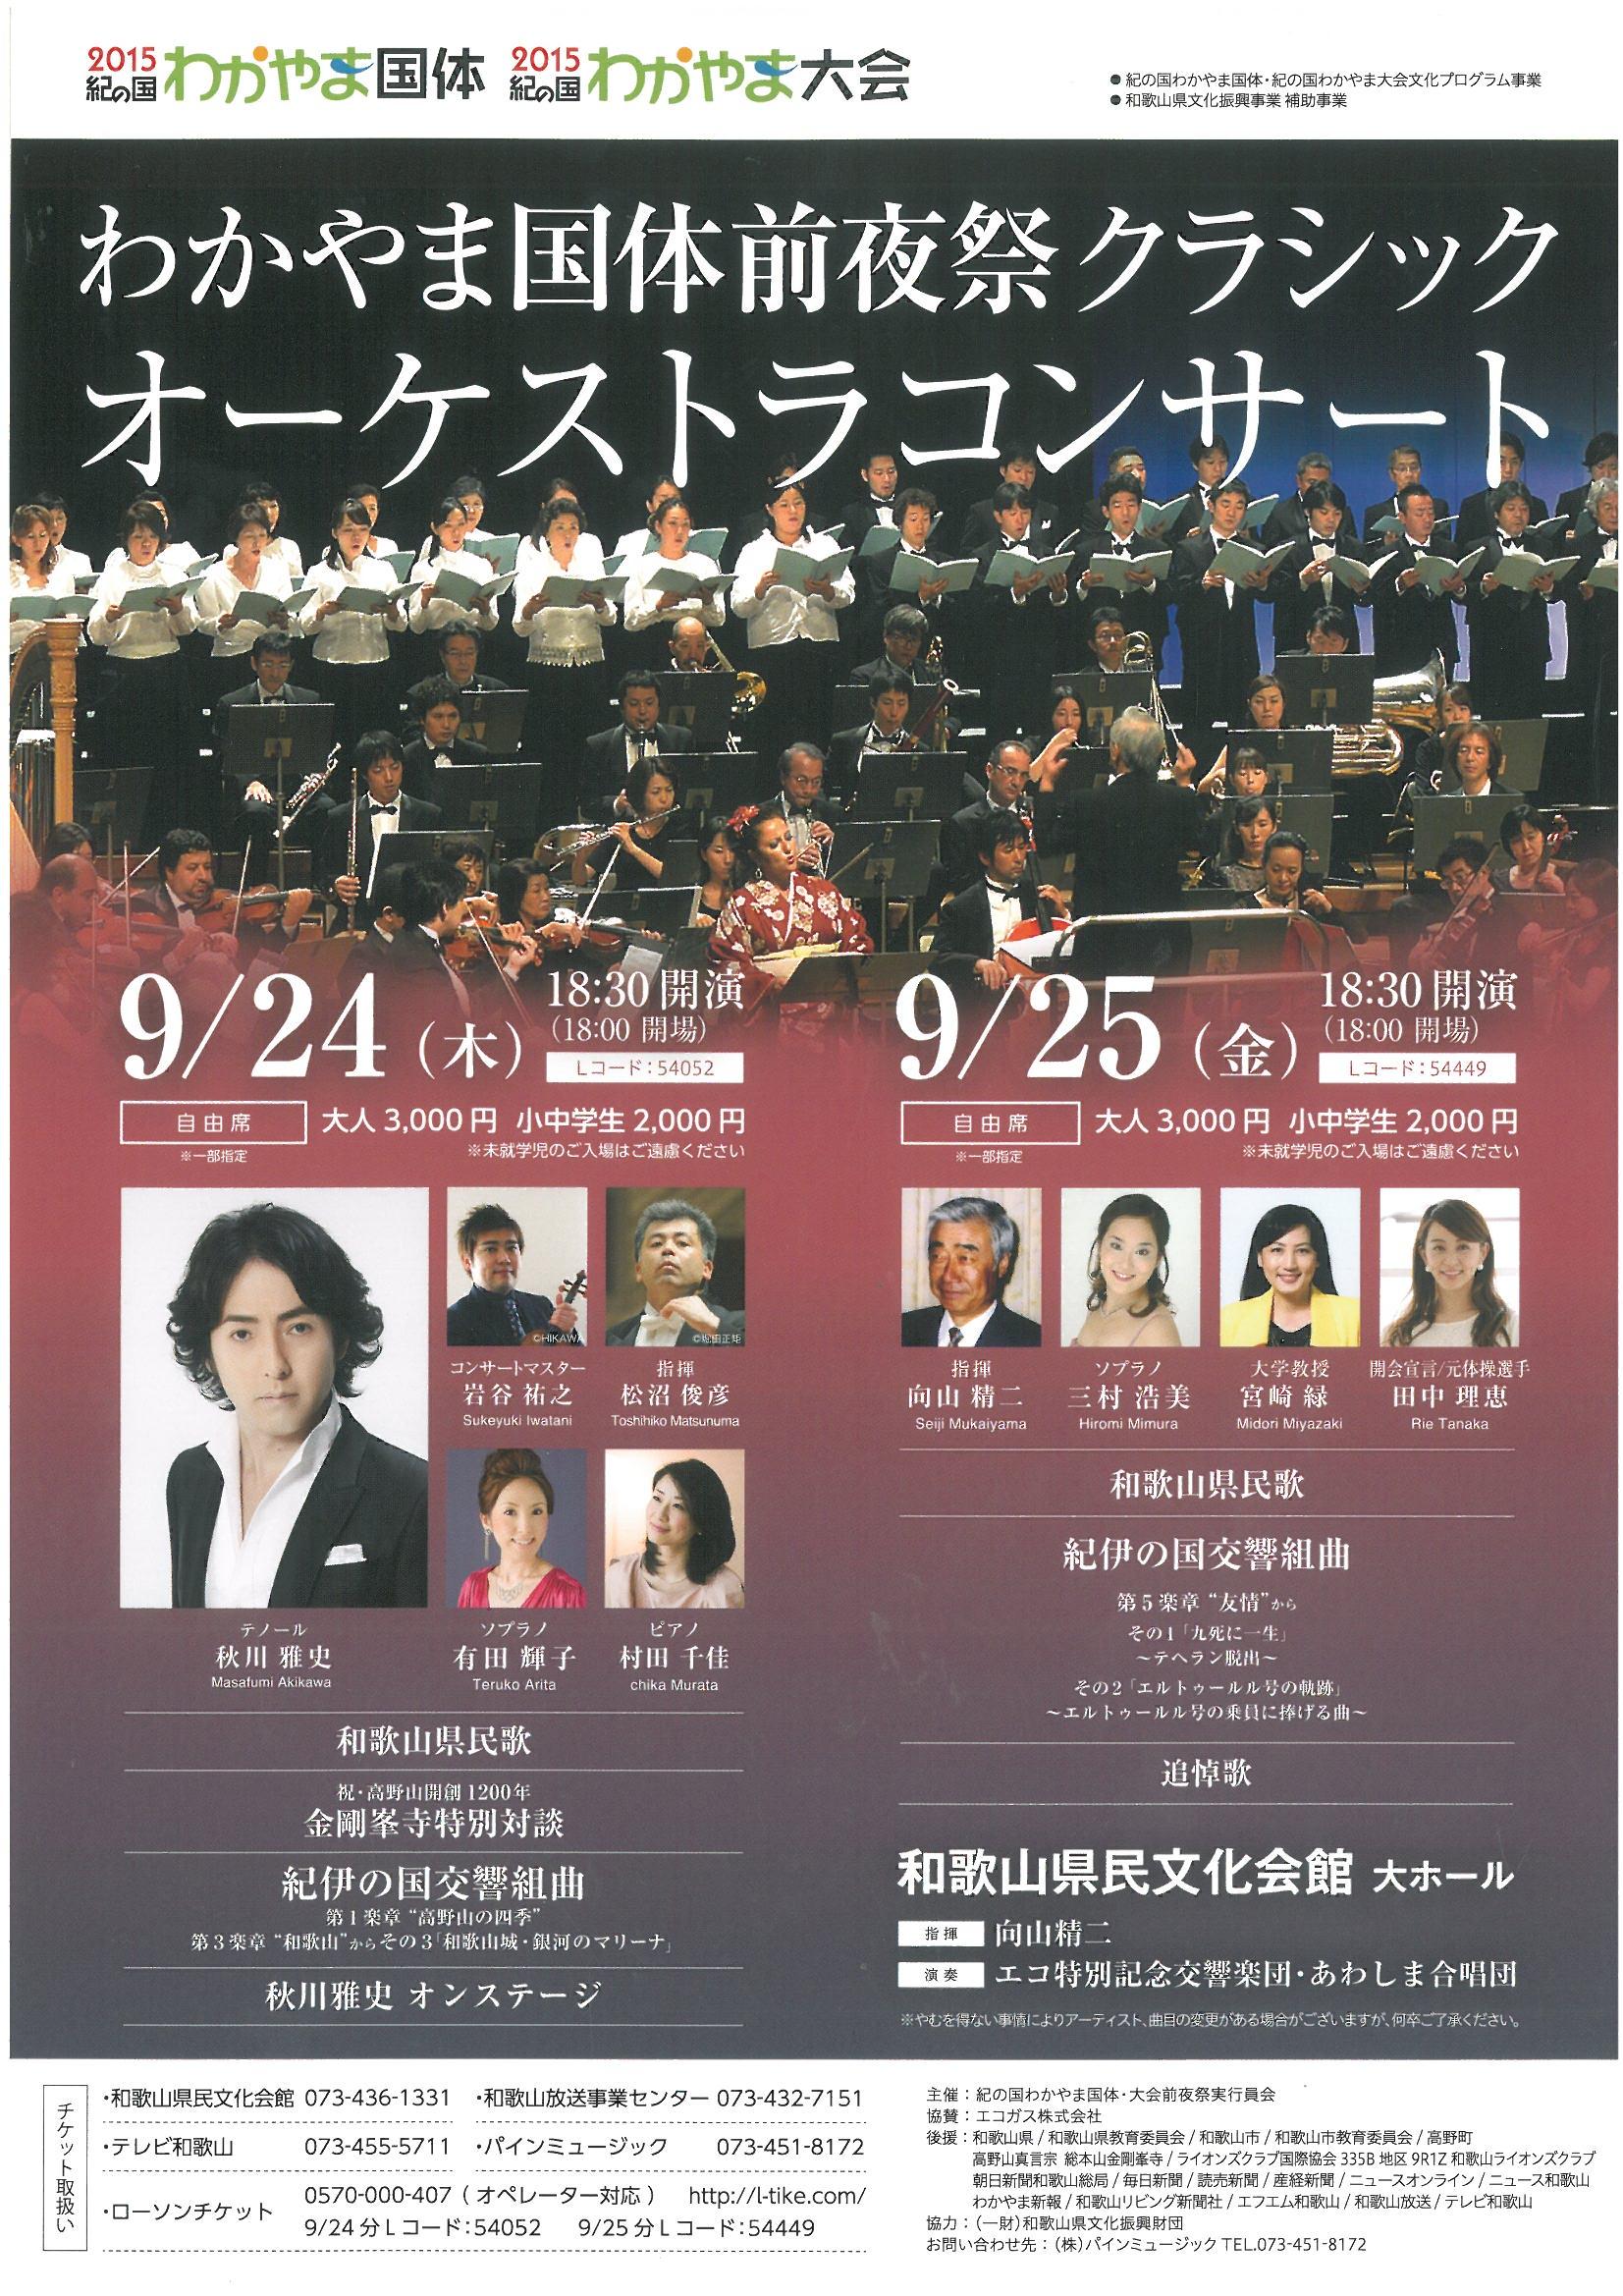 20150924-25国体前夜祭コンサートチラシ